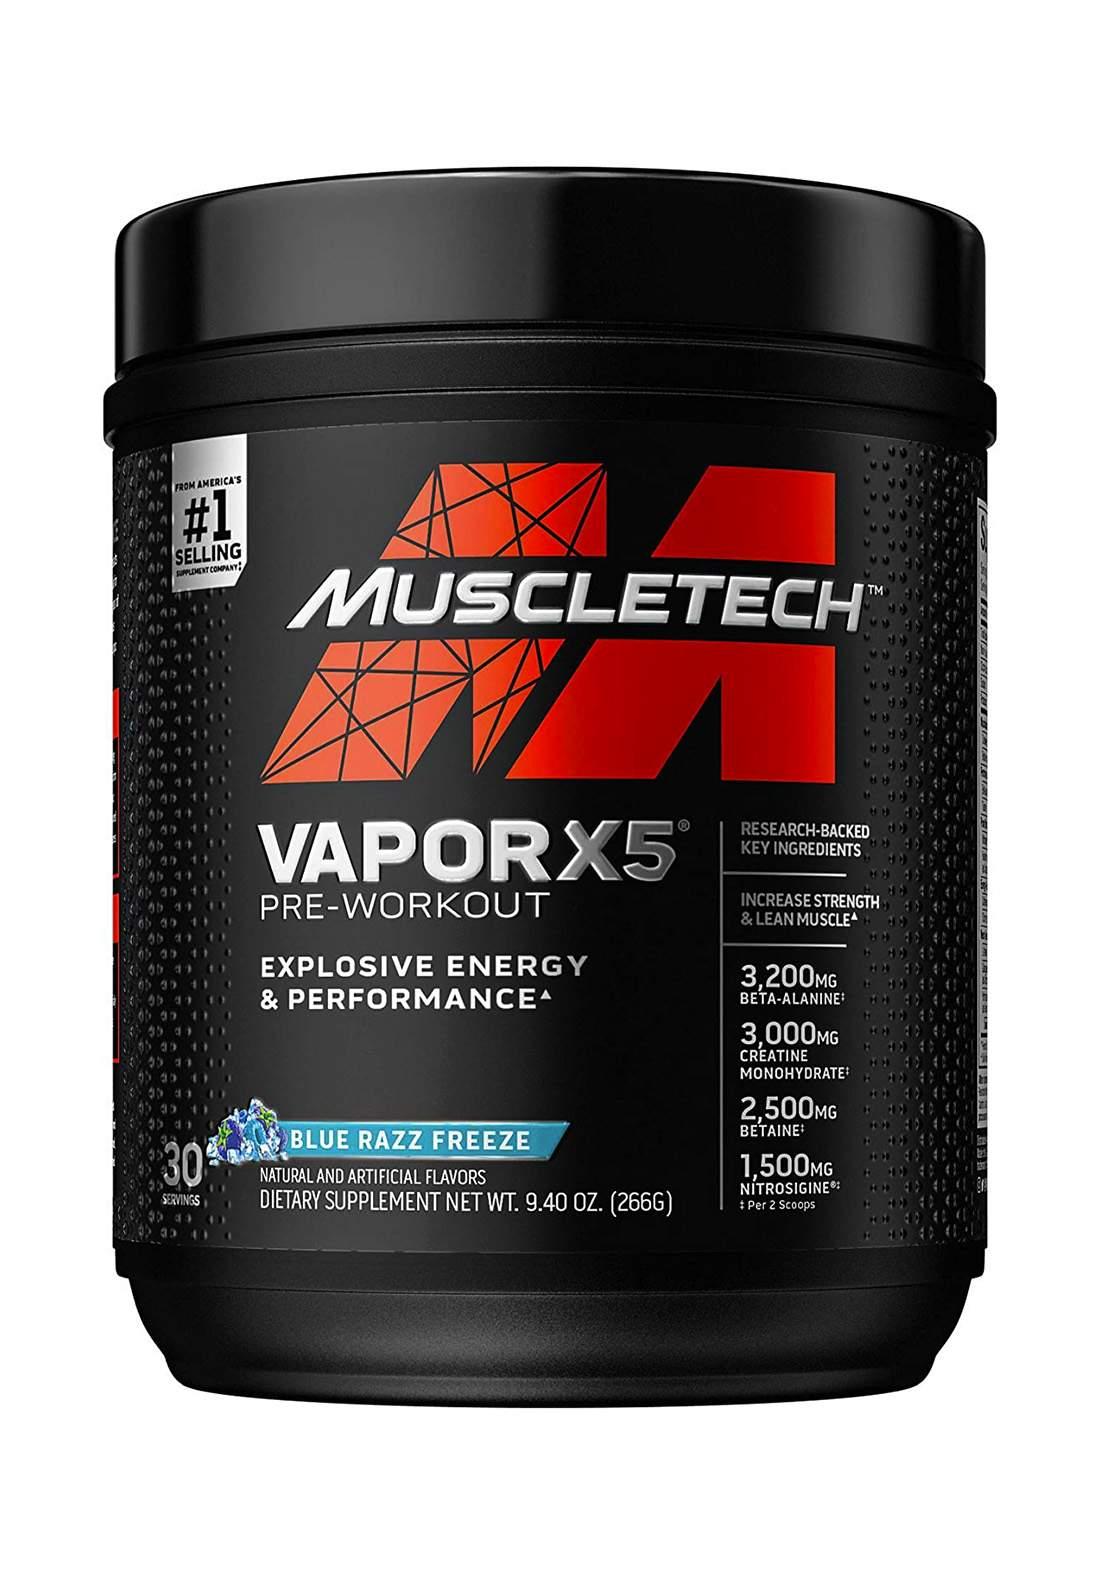 Muscle tech Vapor X5Pre Workout Powder 266g مكمل غذائي